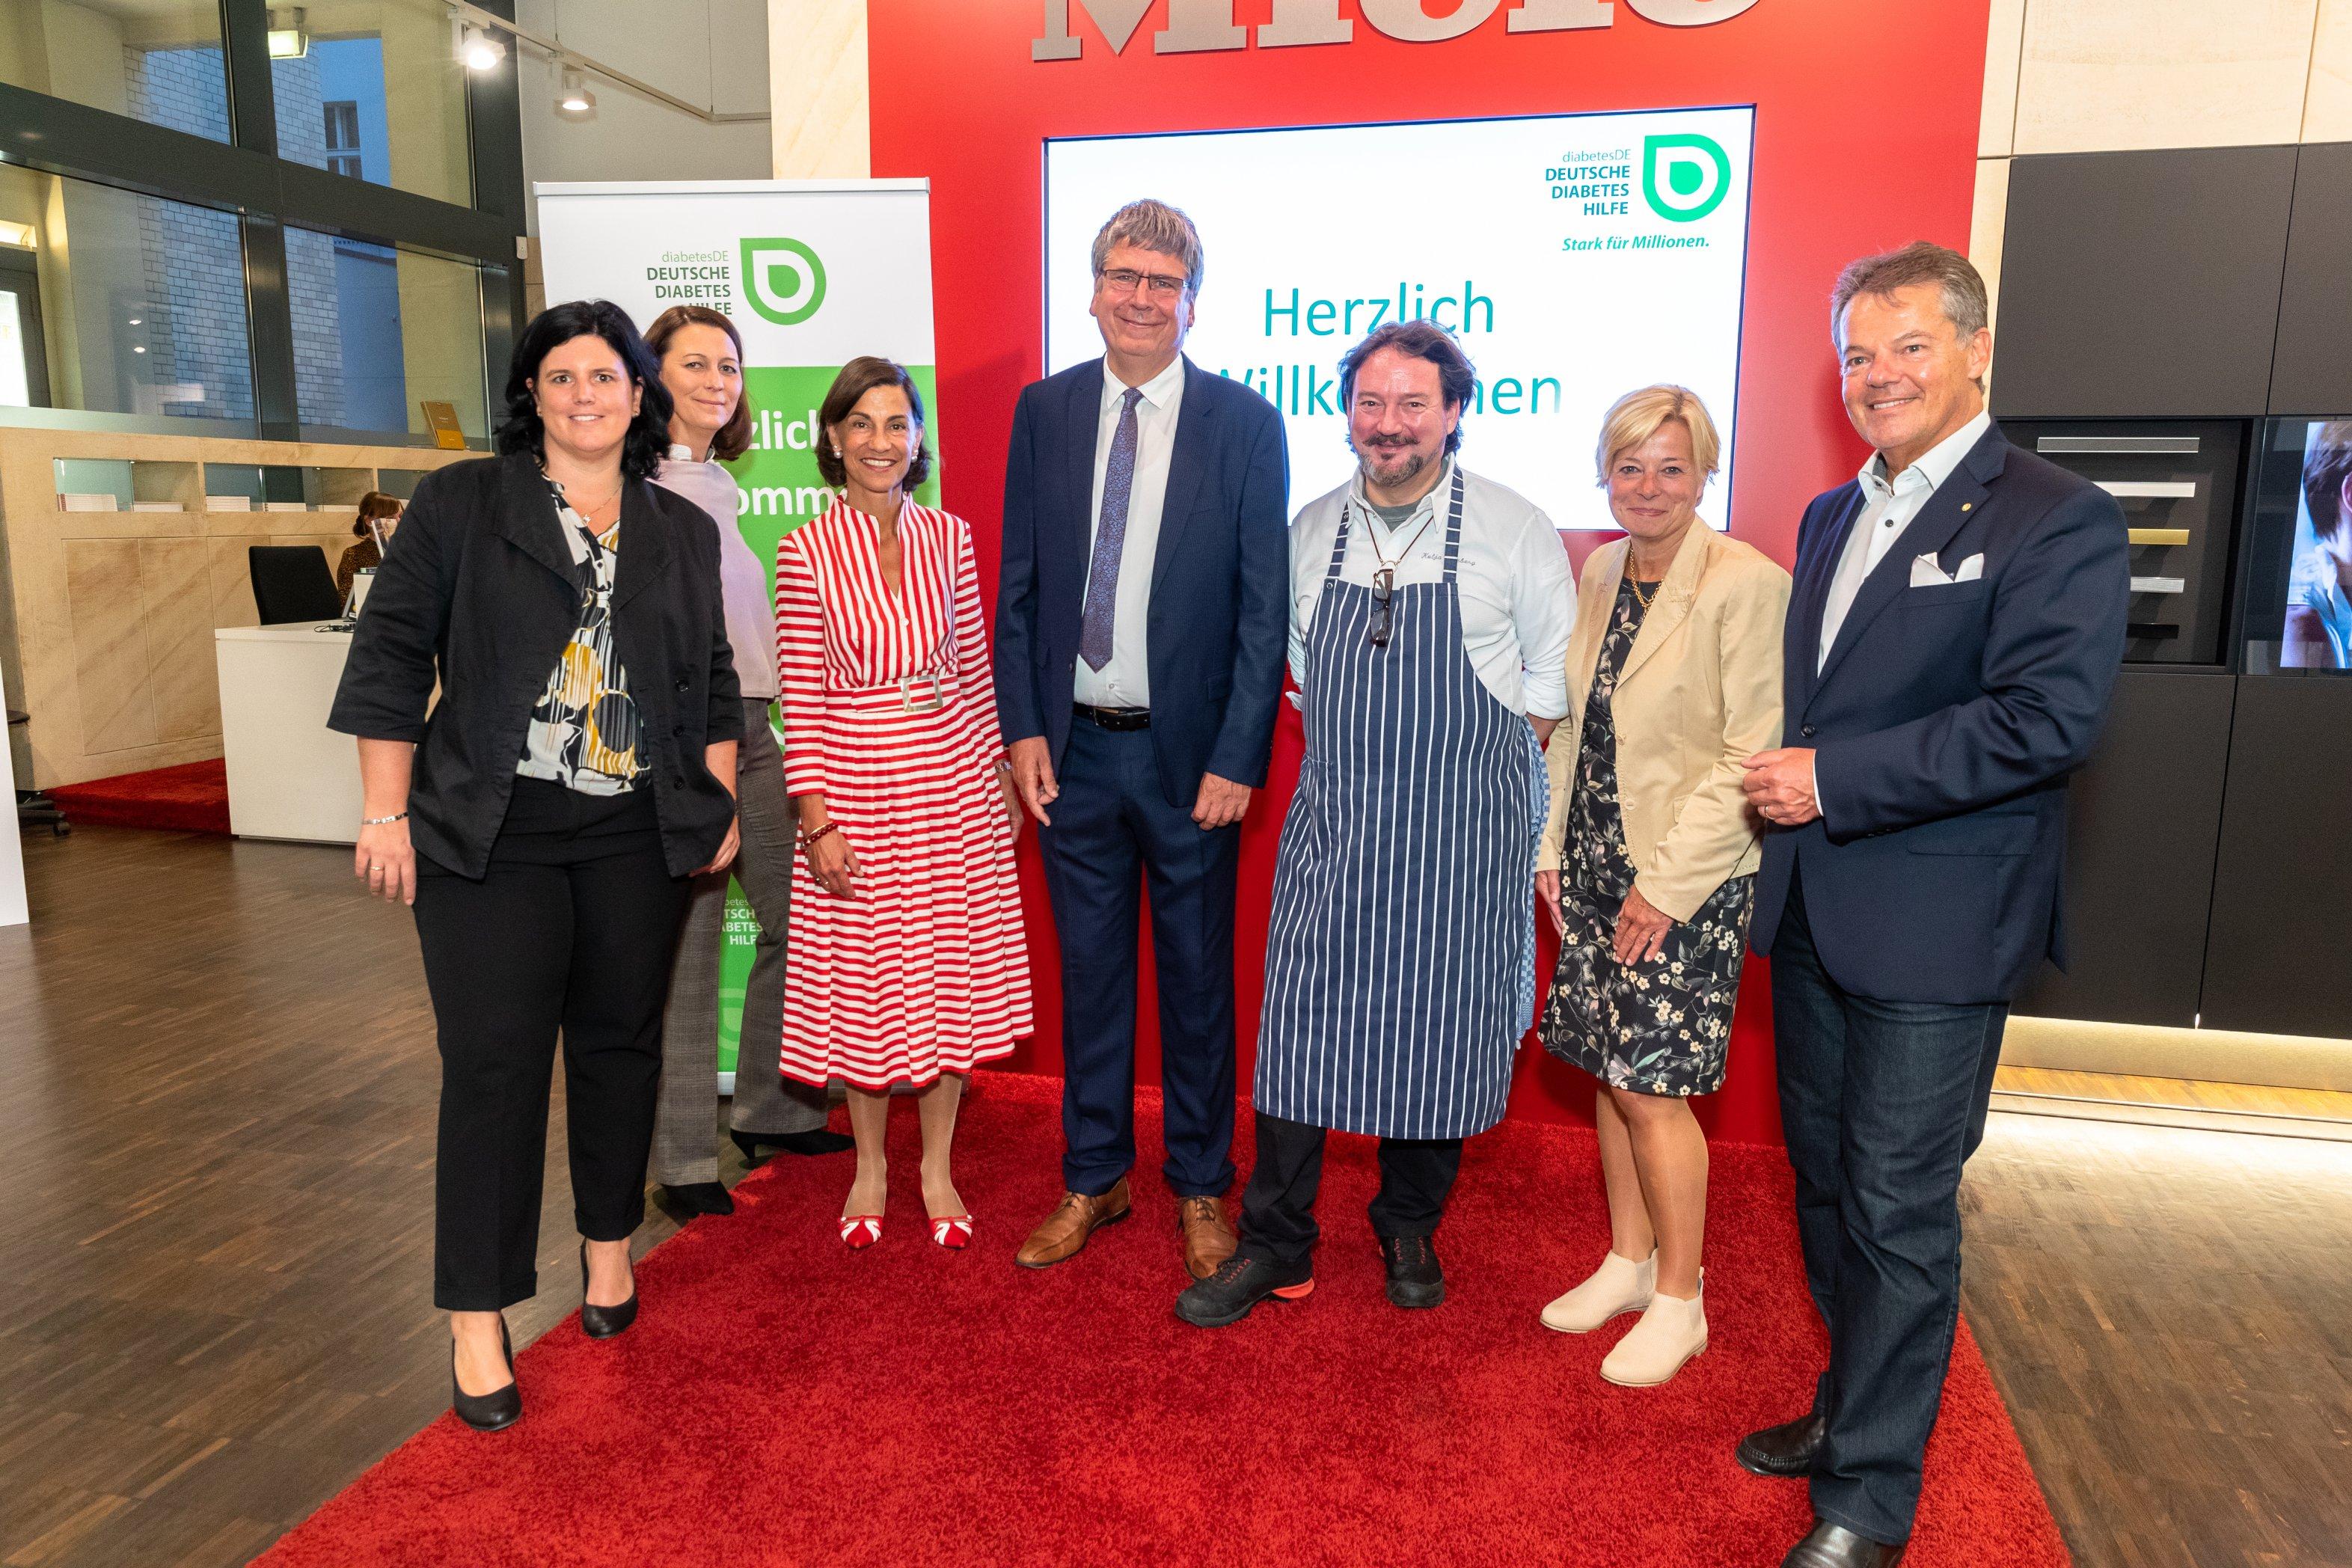 Parlamentarisches Kochen 26.09.2019: Gruppenbild